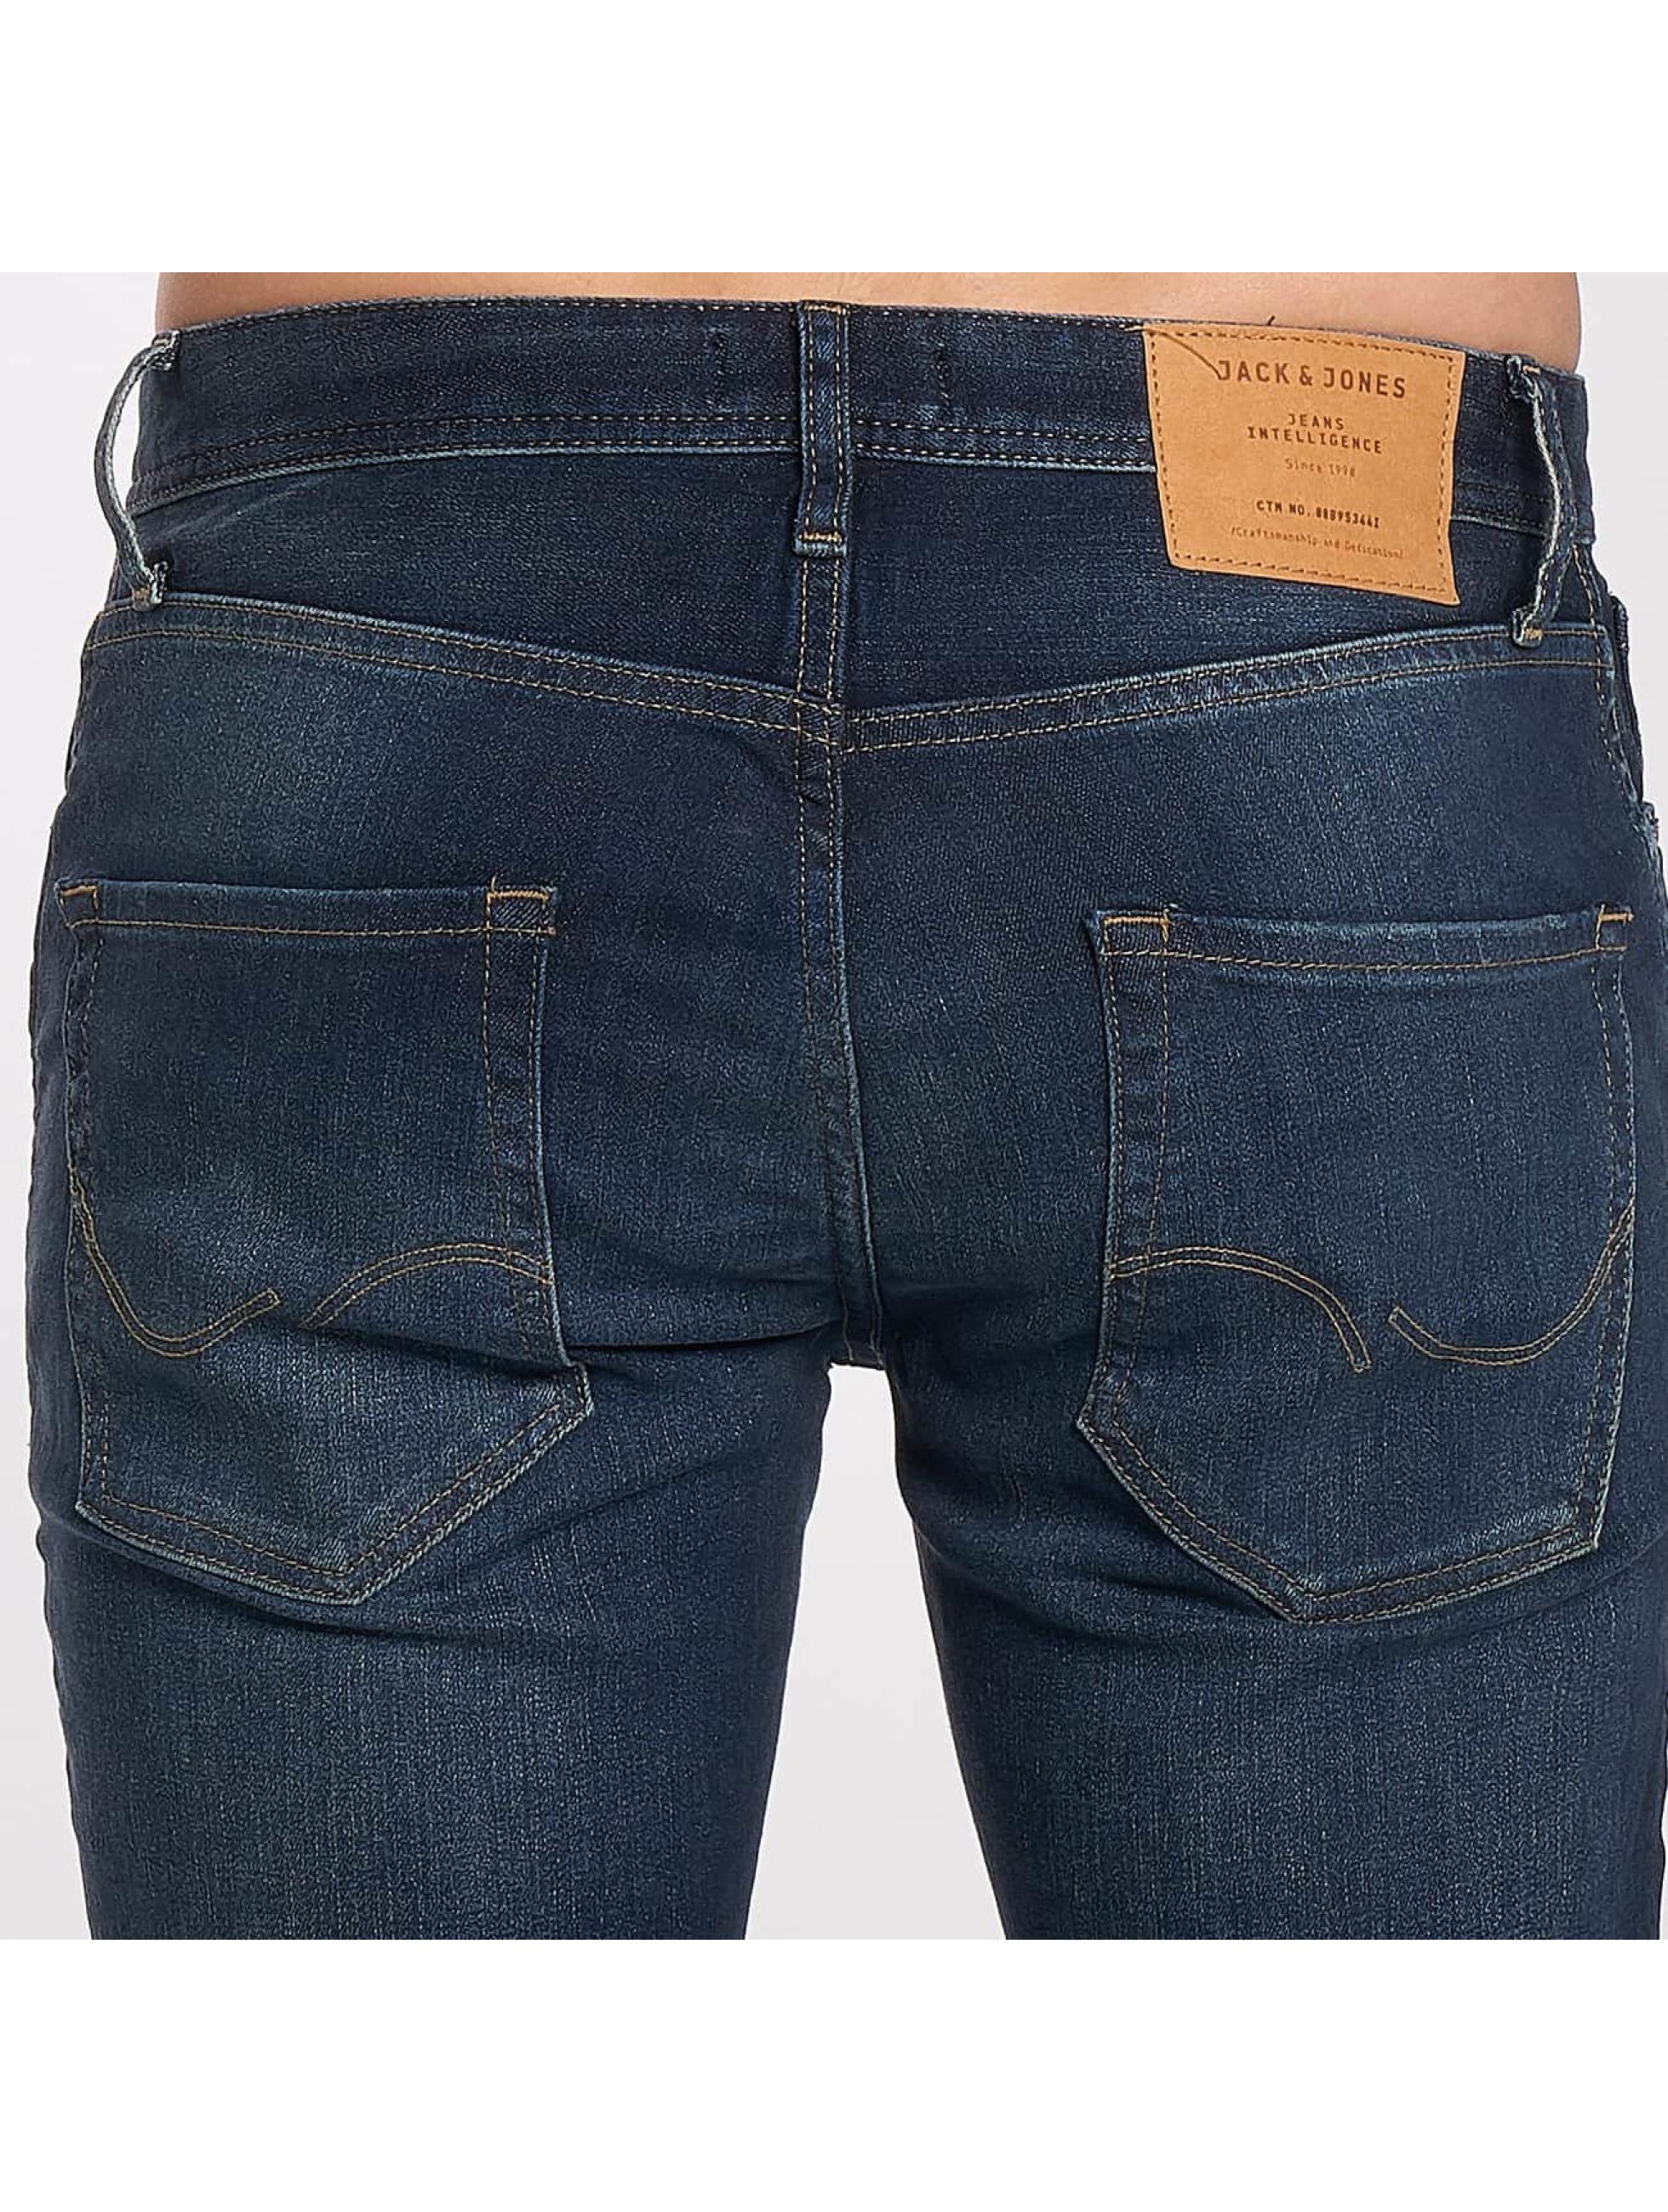 Jack & Jones Slim Fit Jeans jjTIM синий